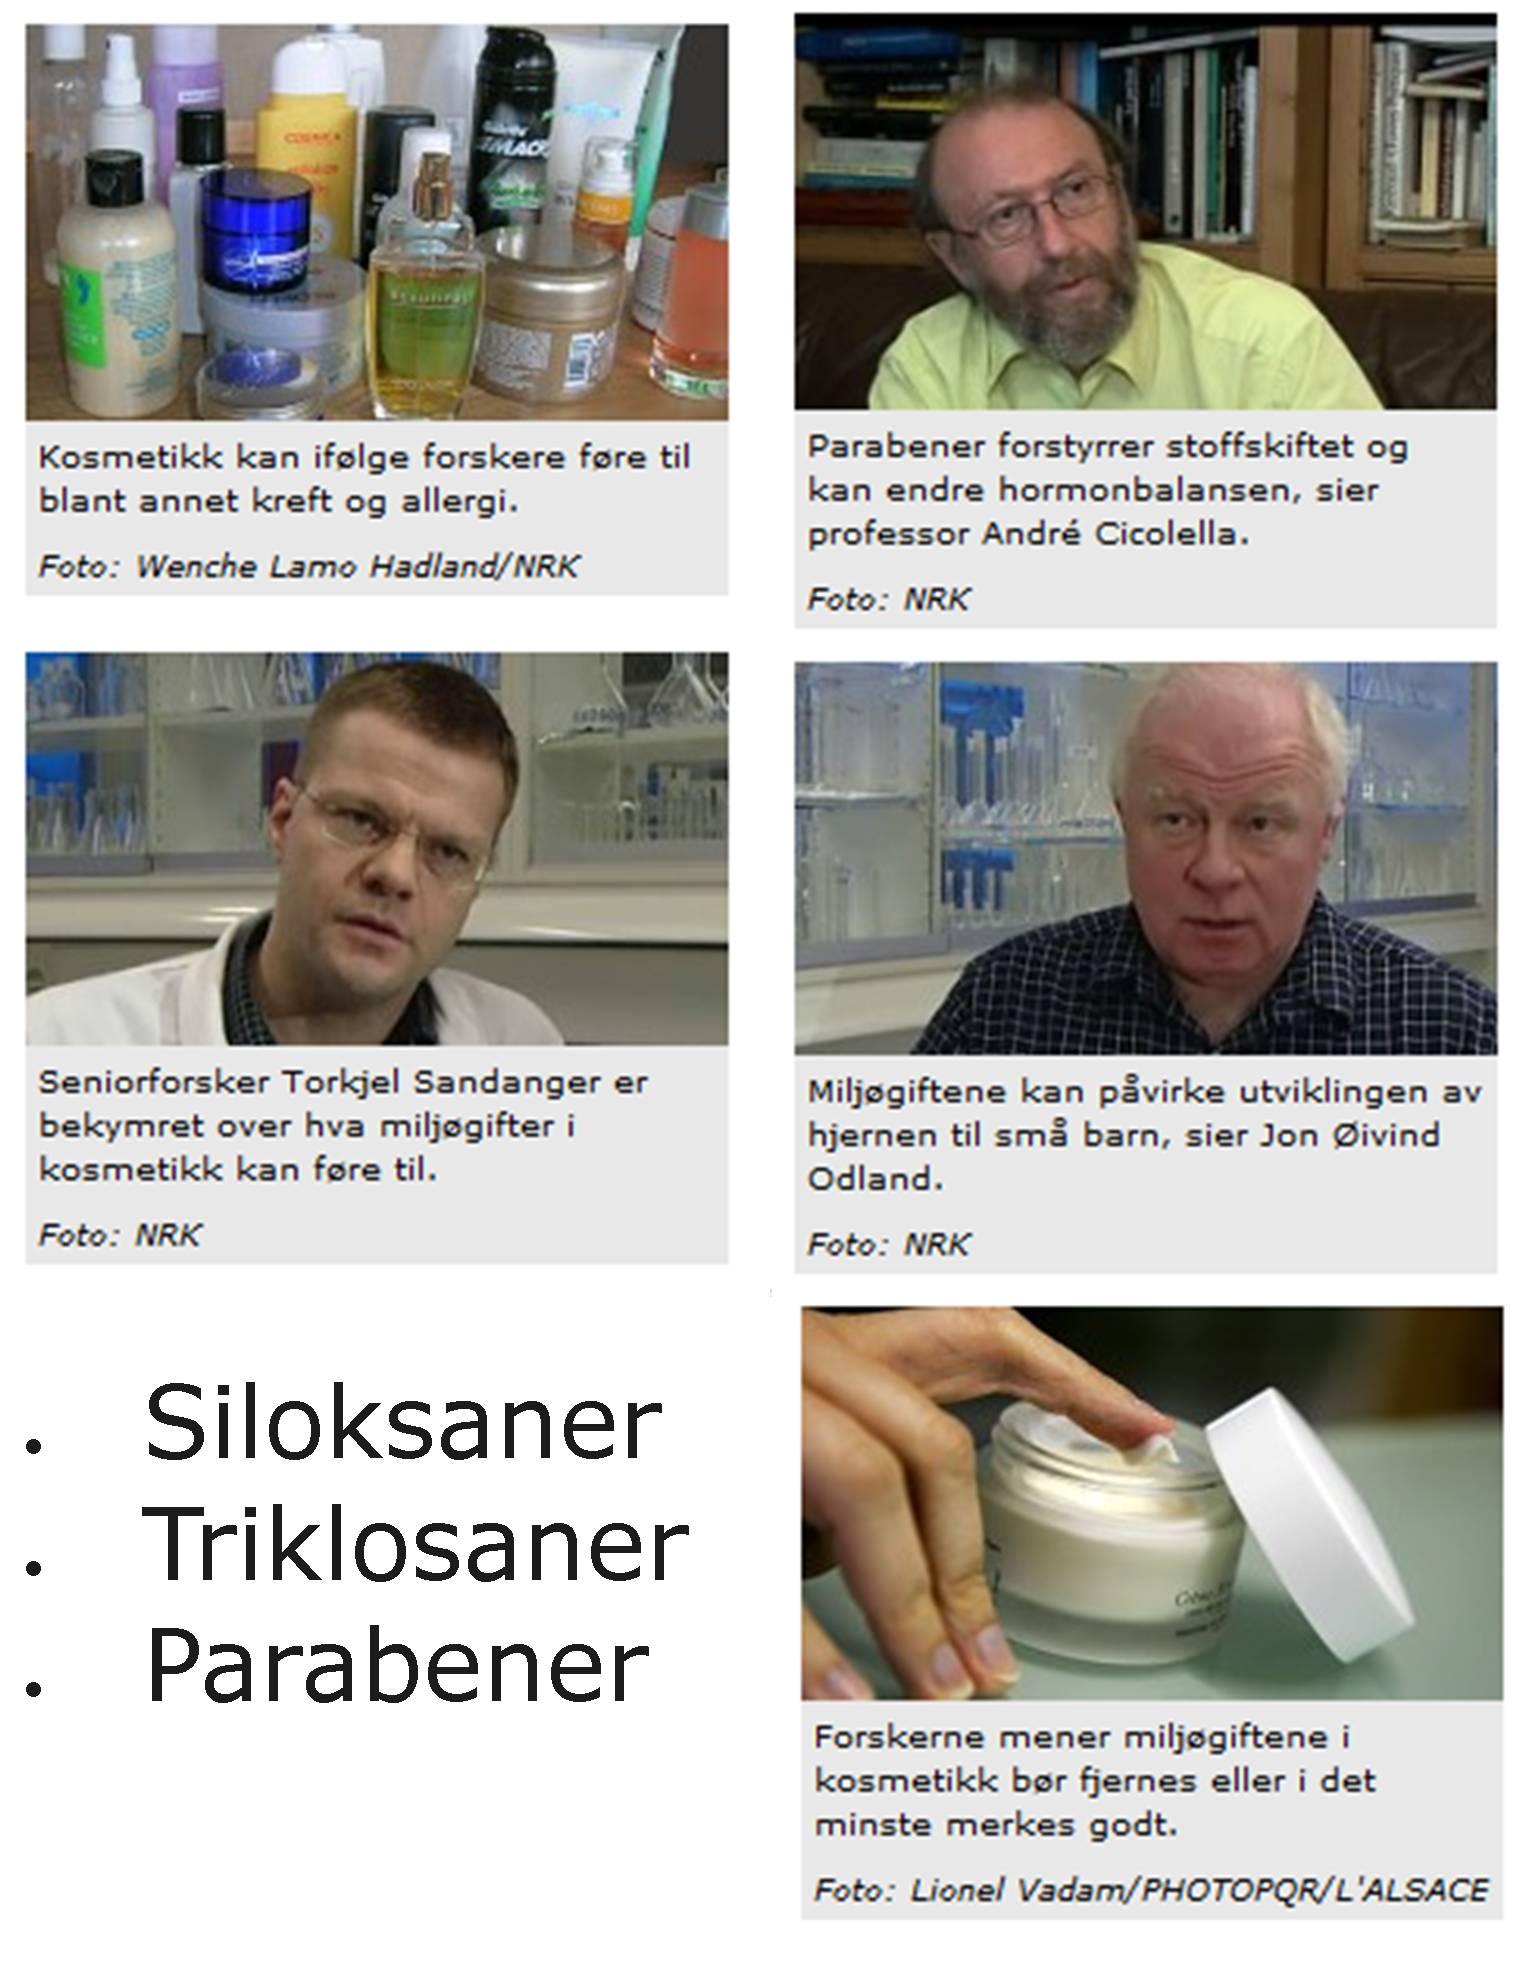 Forskere advarer!